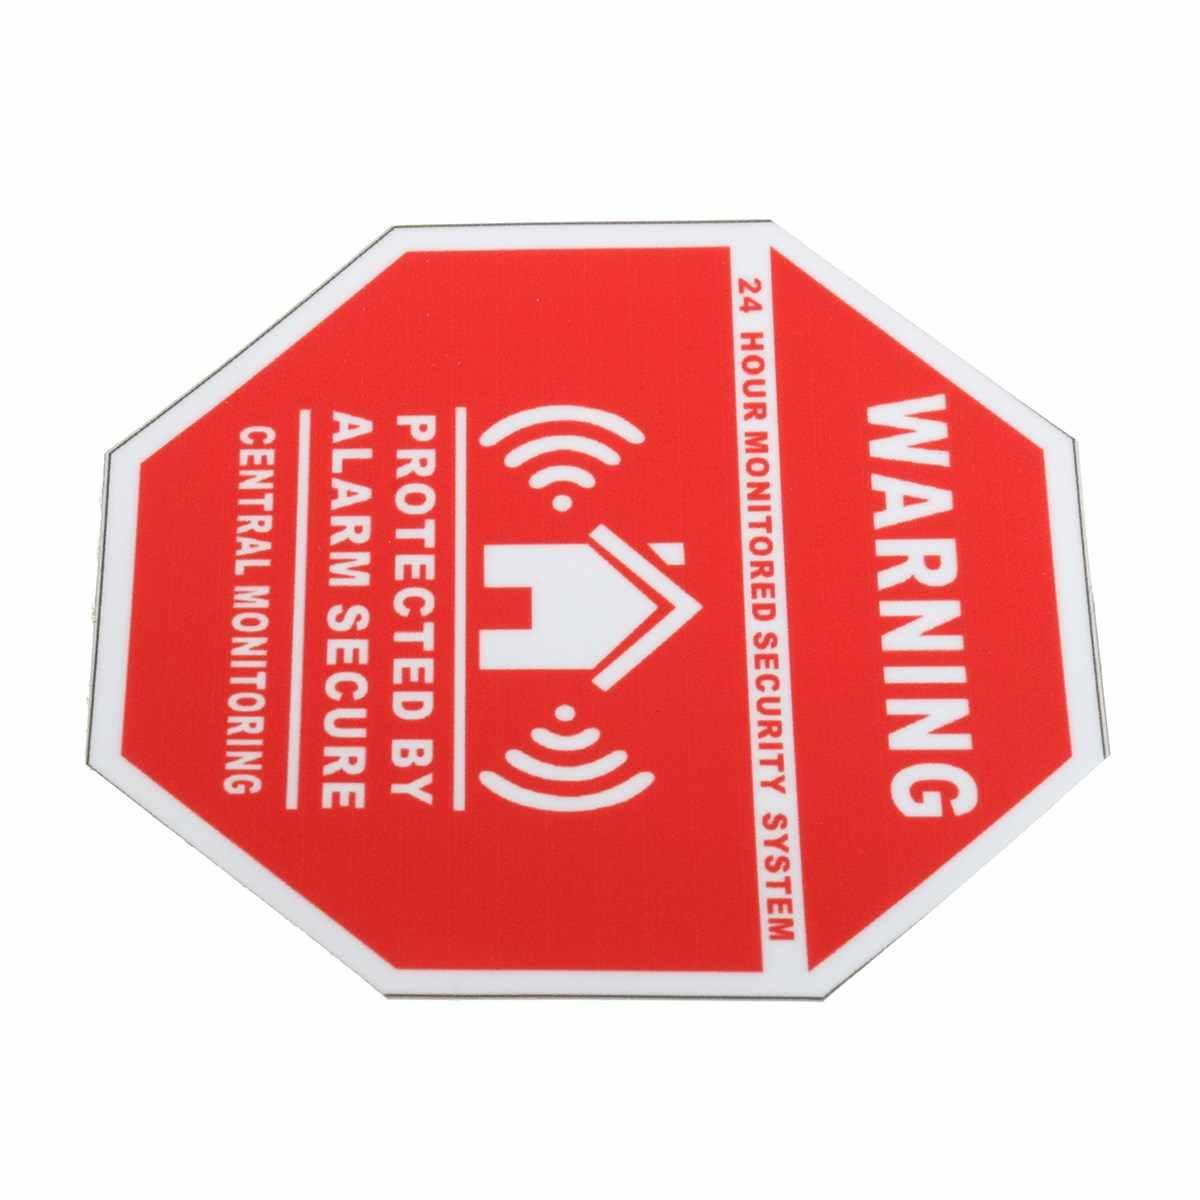 Nuevo 5 piezas casa de seguridad de alarma de pegatinas/calcomanías signos para puertas y ventanas nuevo